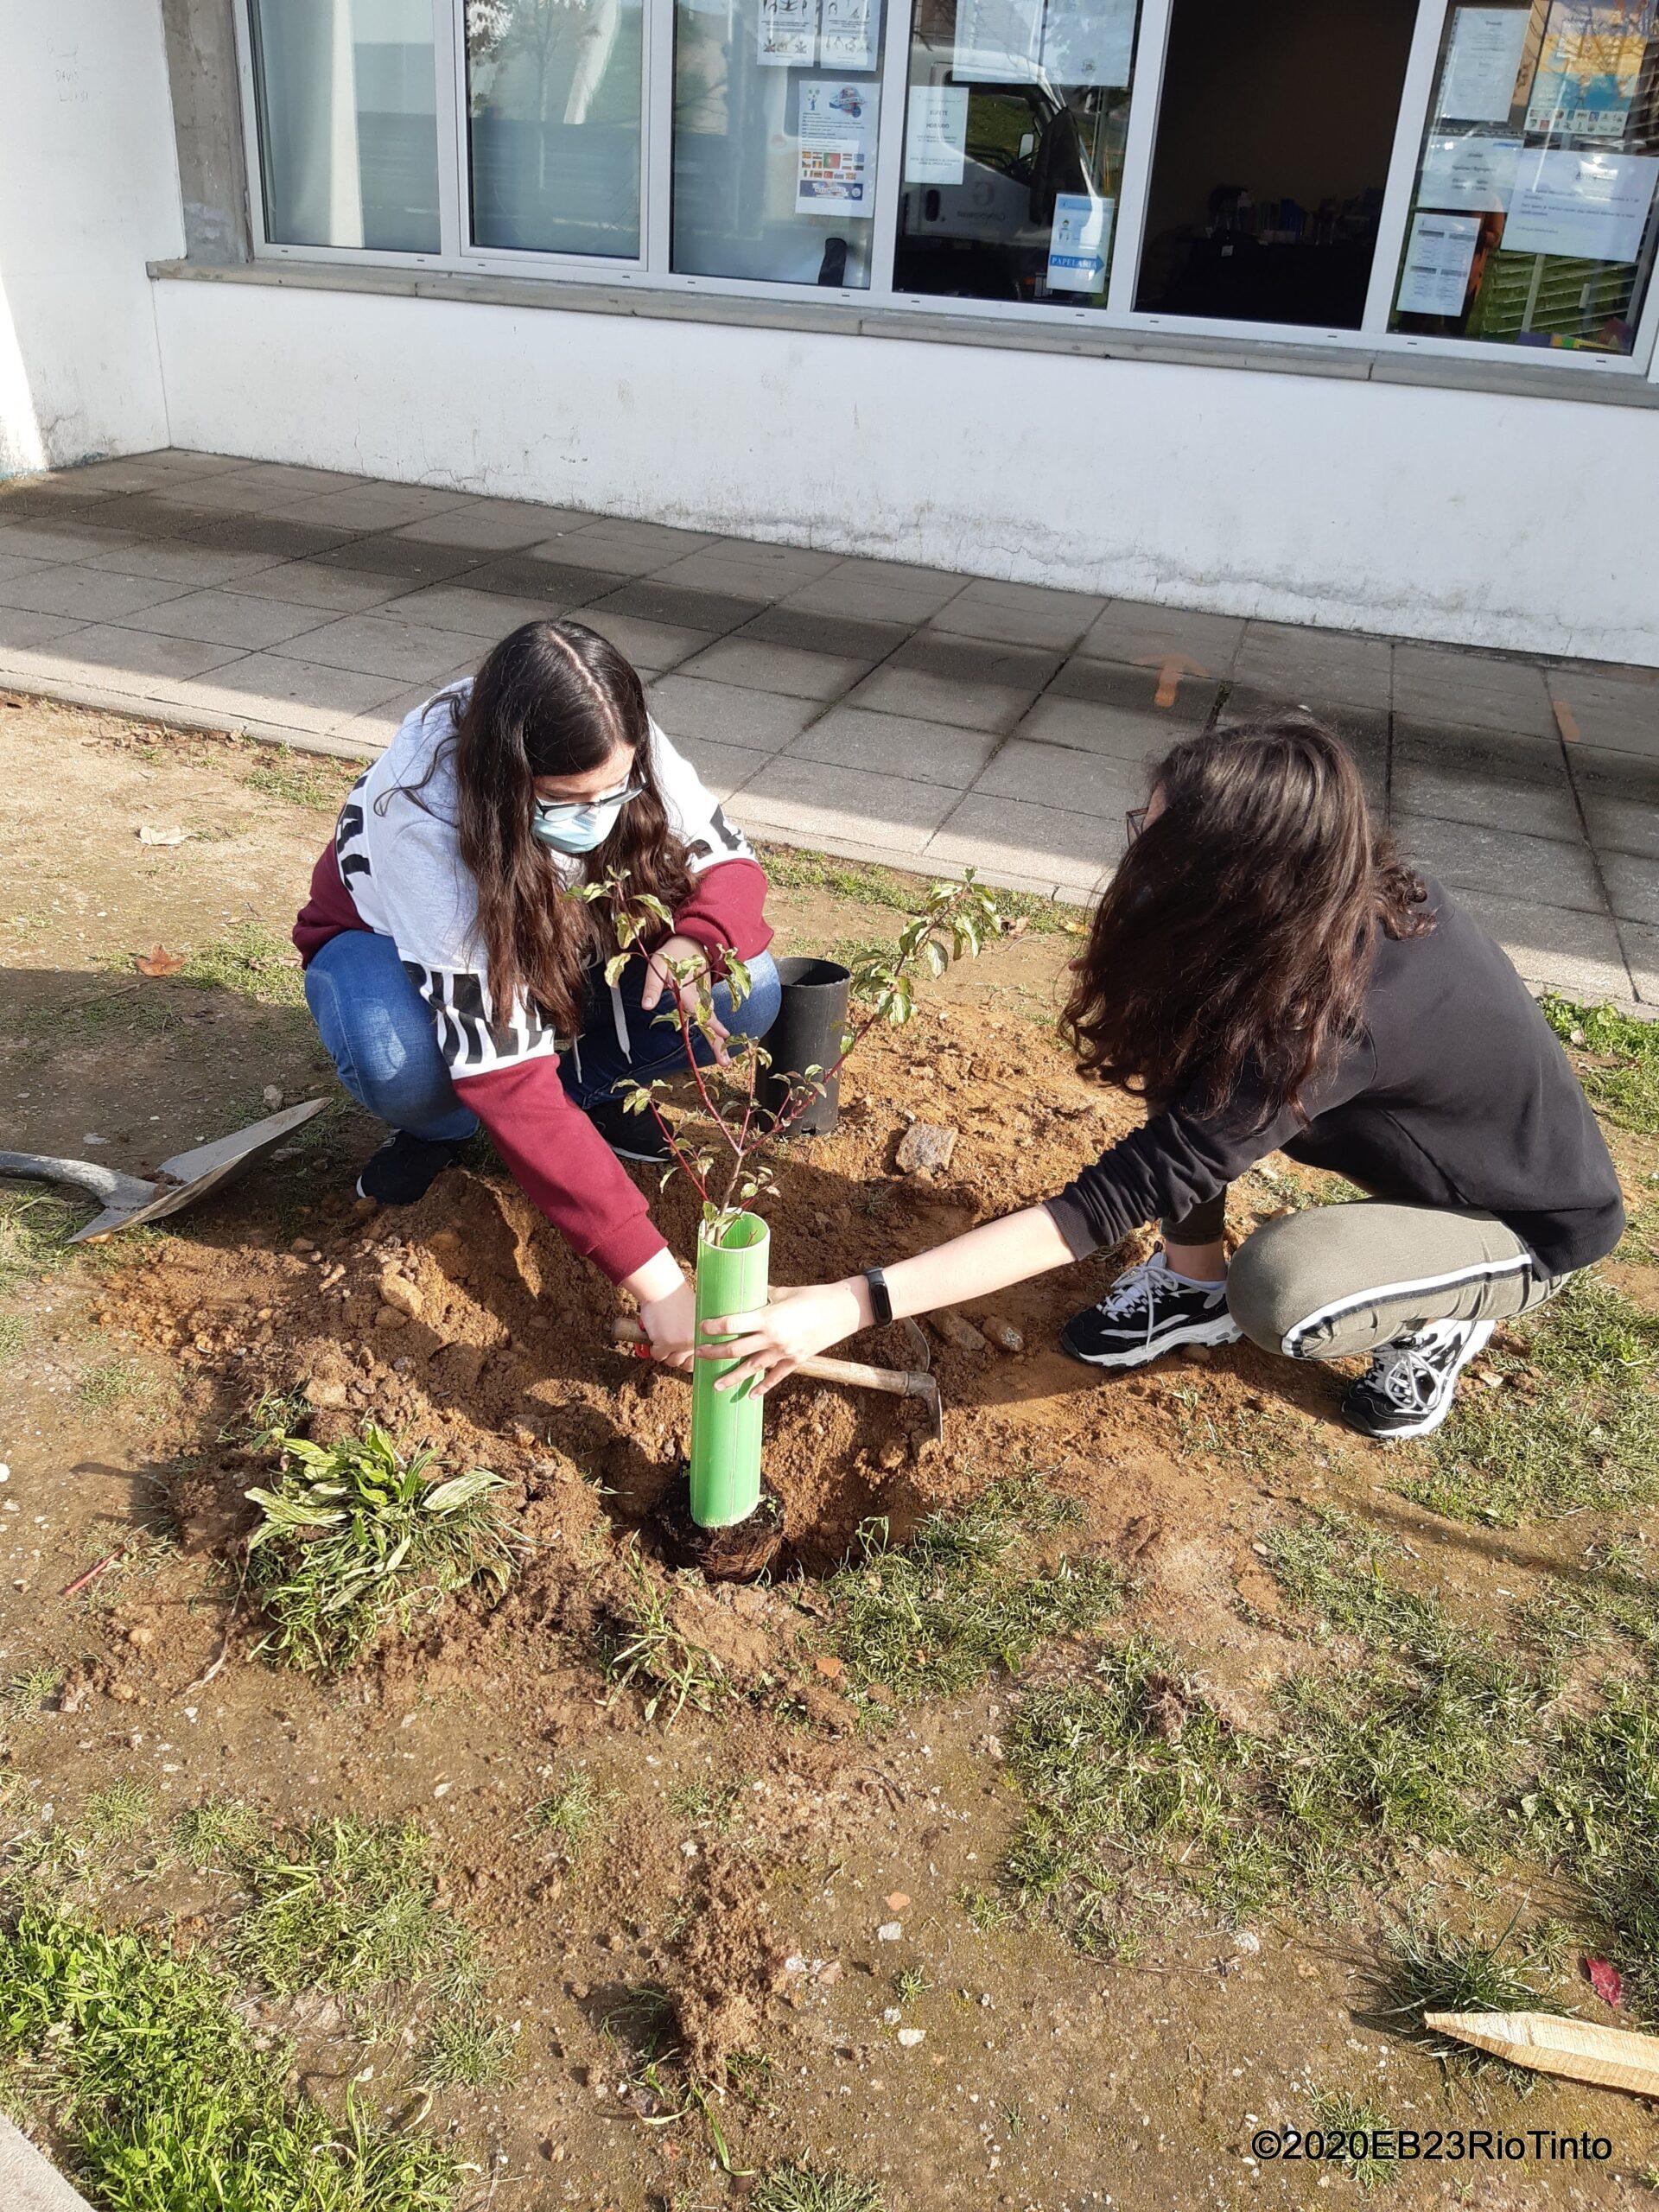 EB 2,3 de Rio tinto: uma escola preocupada com a floresta nativa